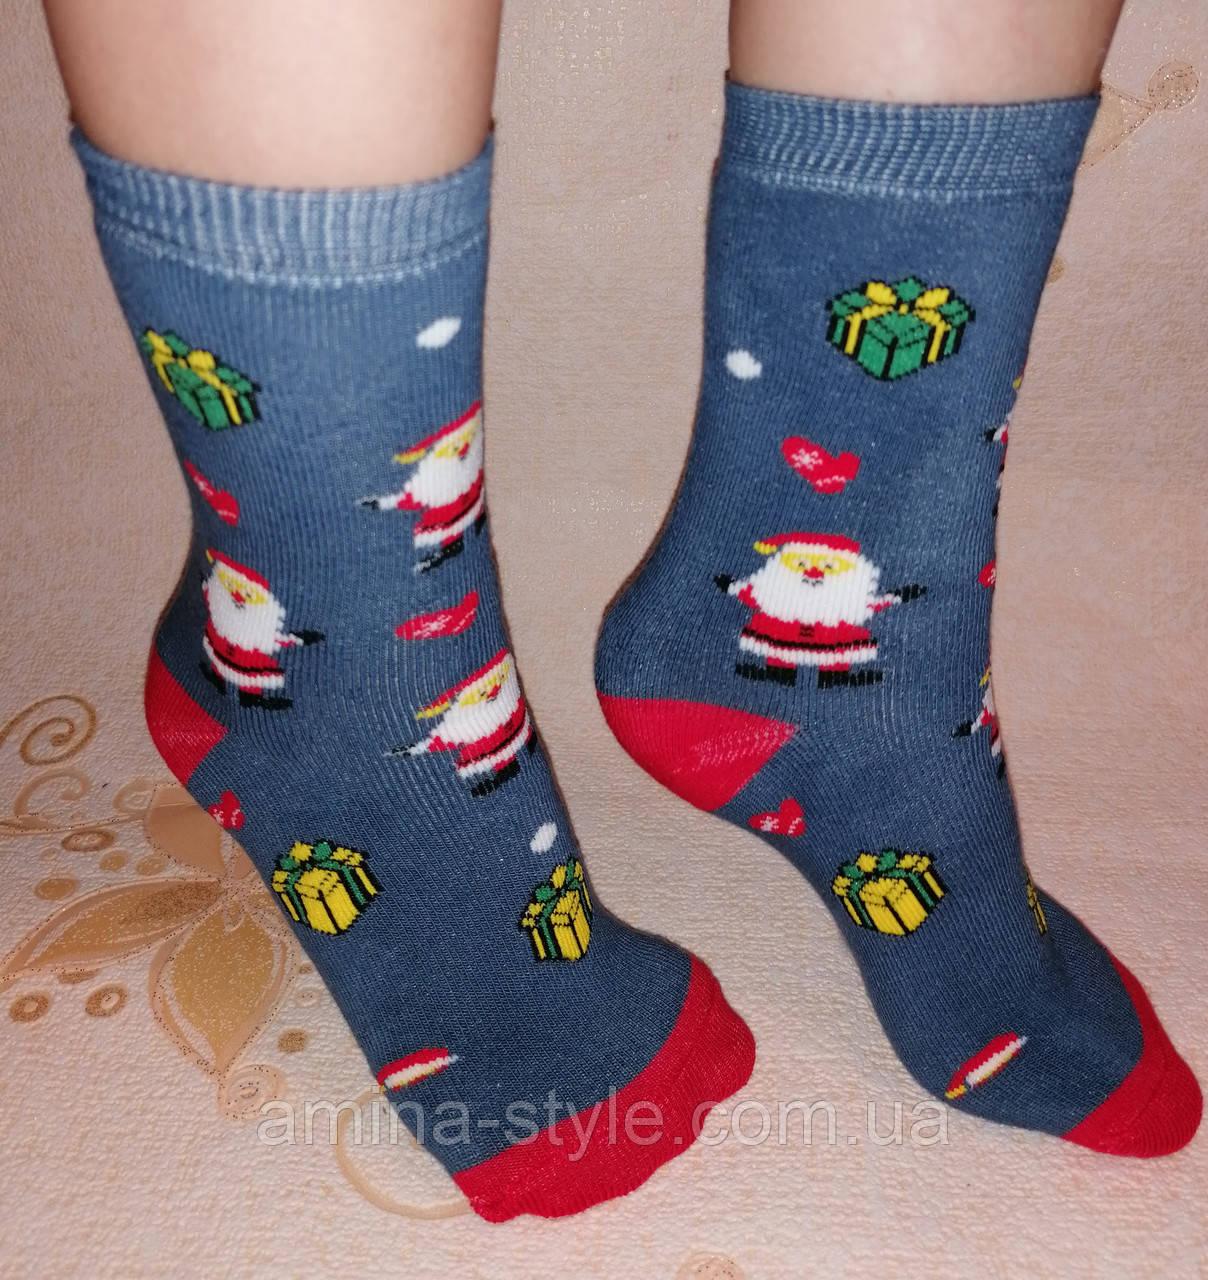 Детские махровые носки Новогодние, разные цвета. Размер 20-22 (7-11 лет)